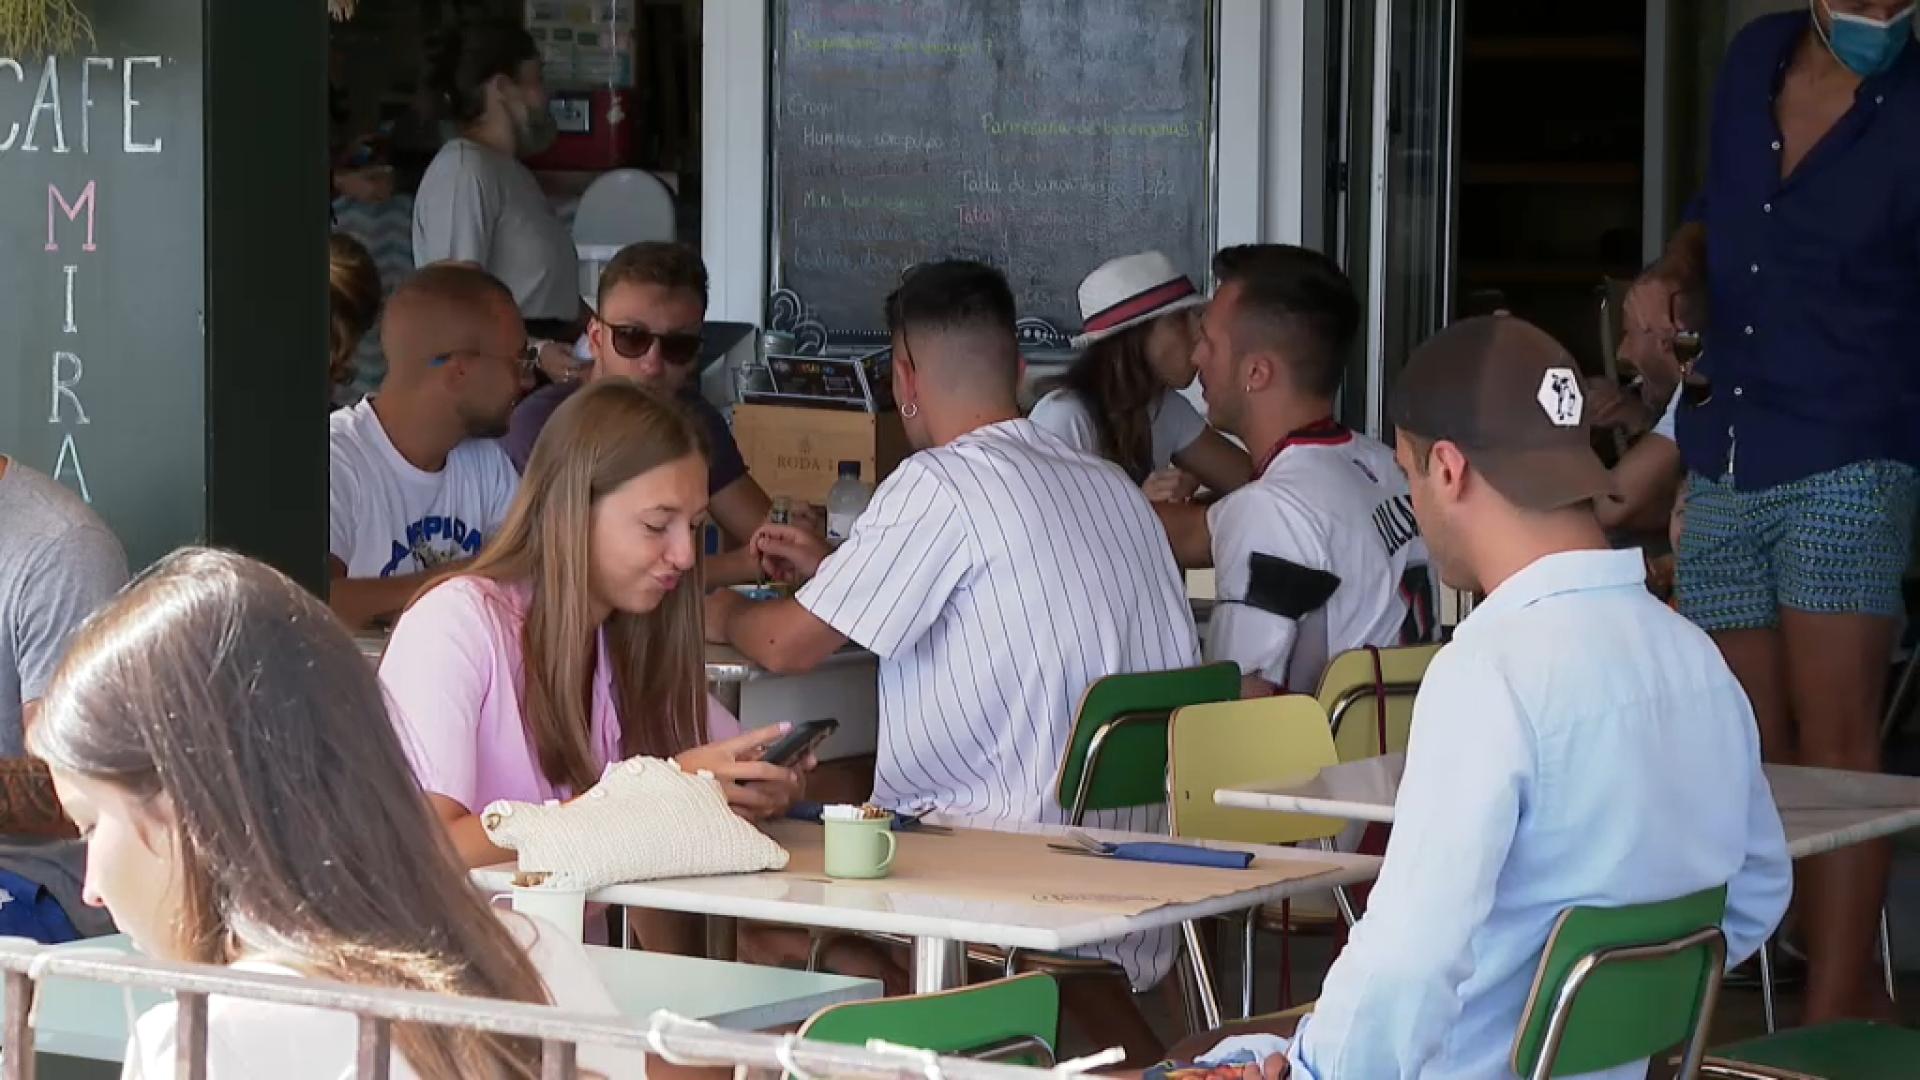 Els+empresaris+de+la+restauraci%C3%B3+i+l%26apos%3Bhostaleria+de+Formentera+preveuen+un+bon+mes+de+setembre